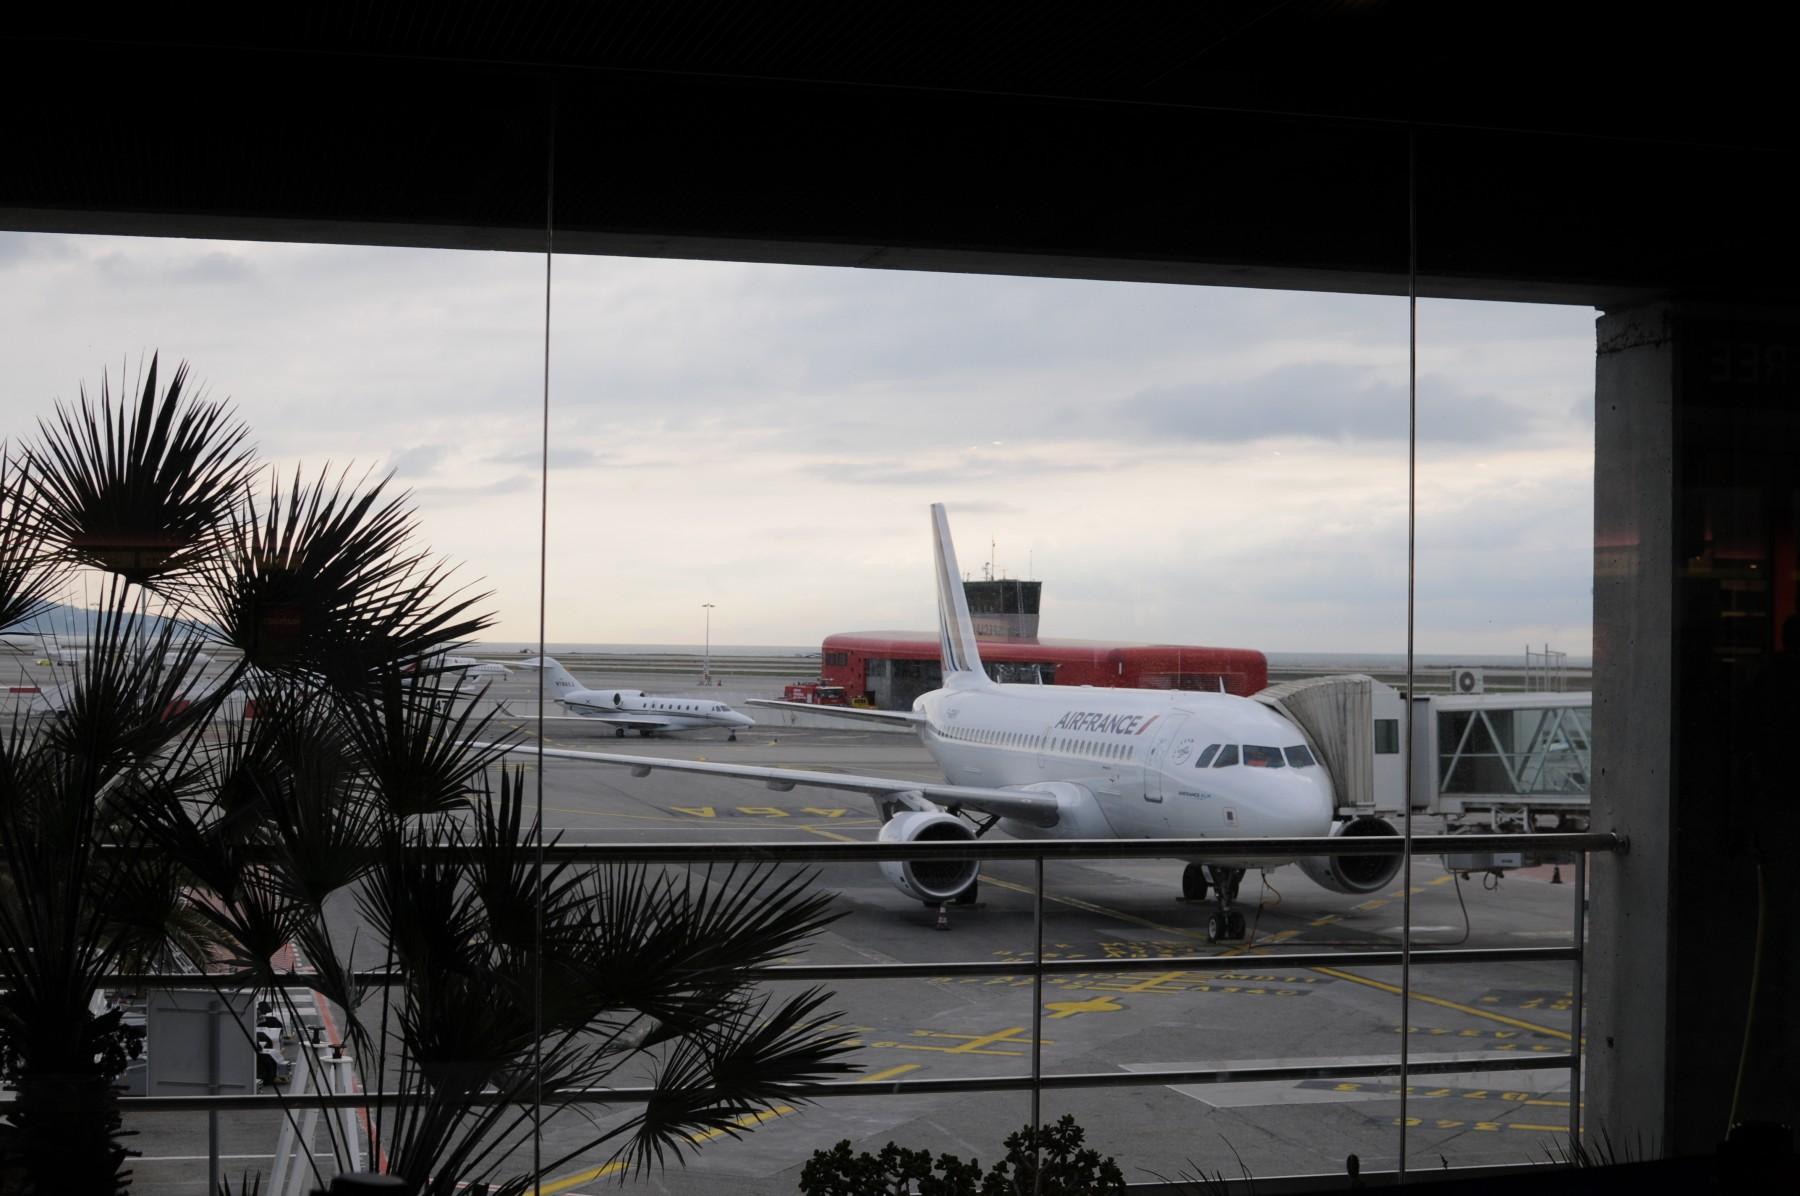 エールフランス航空7701便 ニース→パリ(ドゴール) 搭乗記